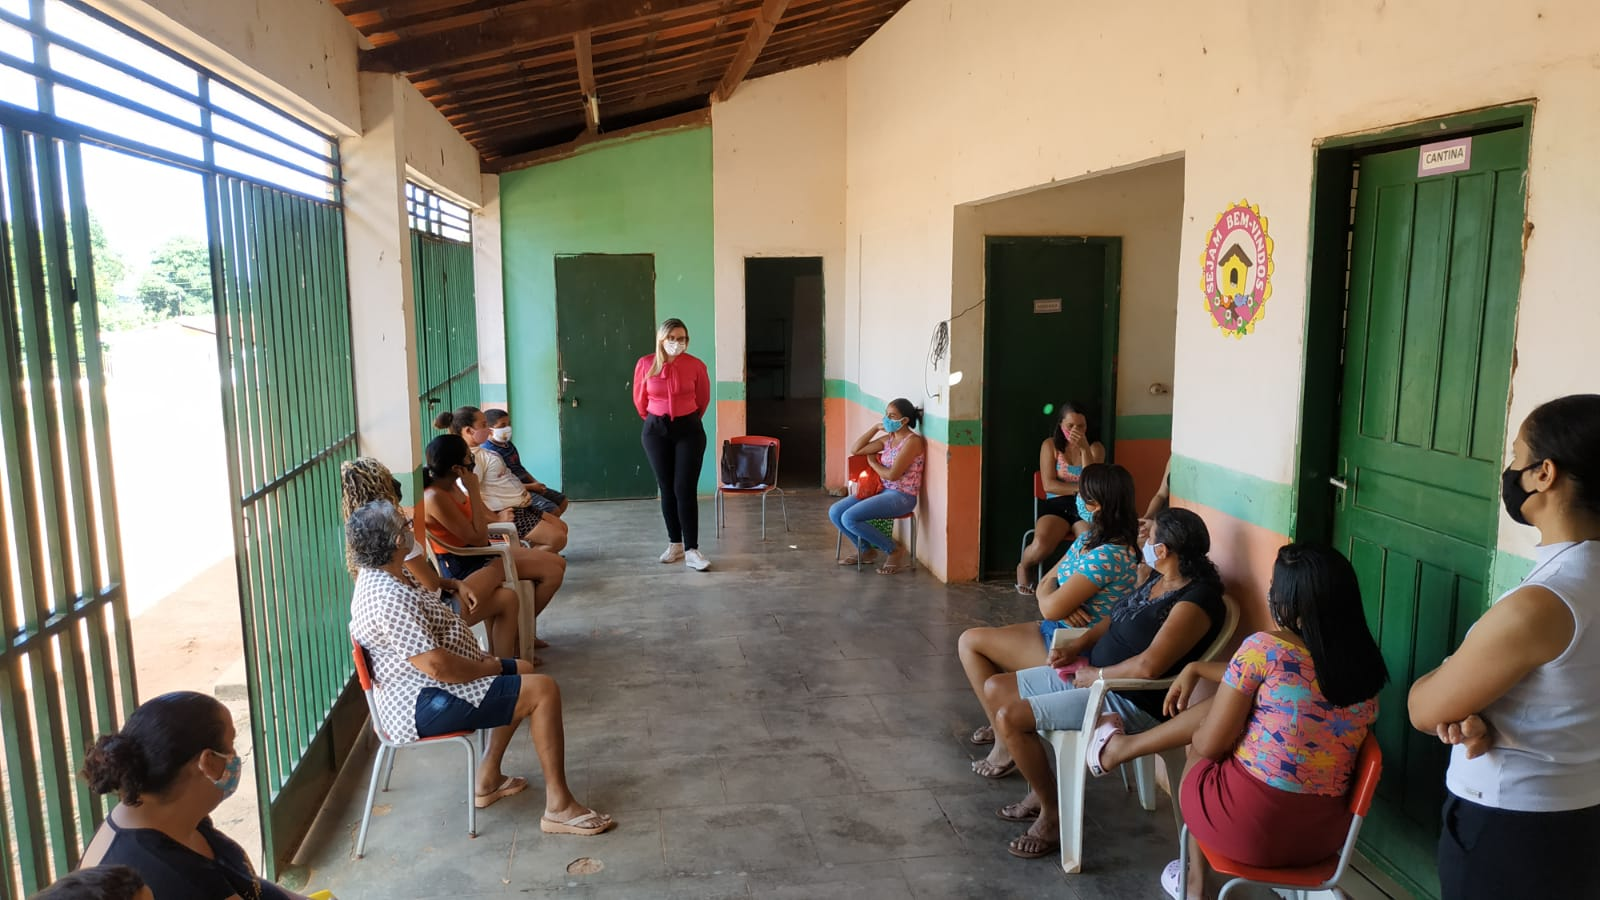 Aurora discute retorno das atividades grupais nas comunidades atendidas pela STDS com adoção de medidas no combate a Covid-19